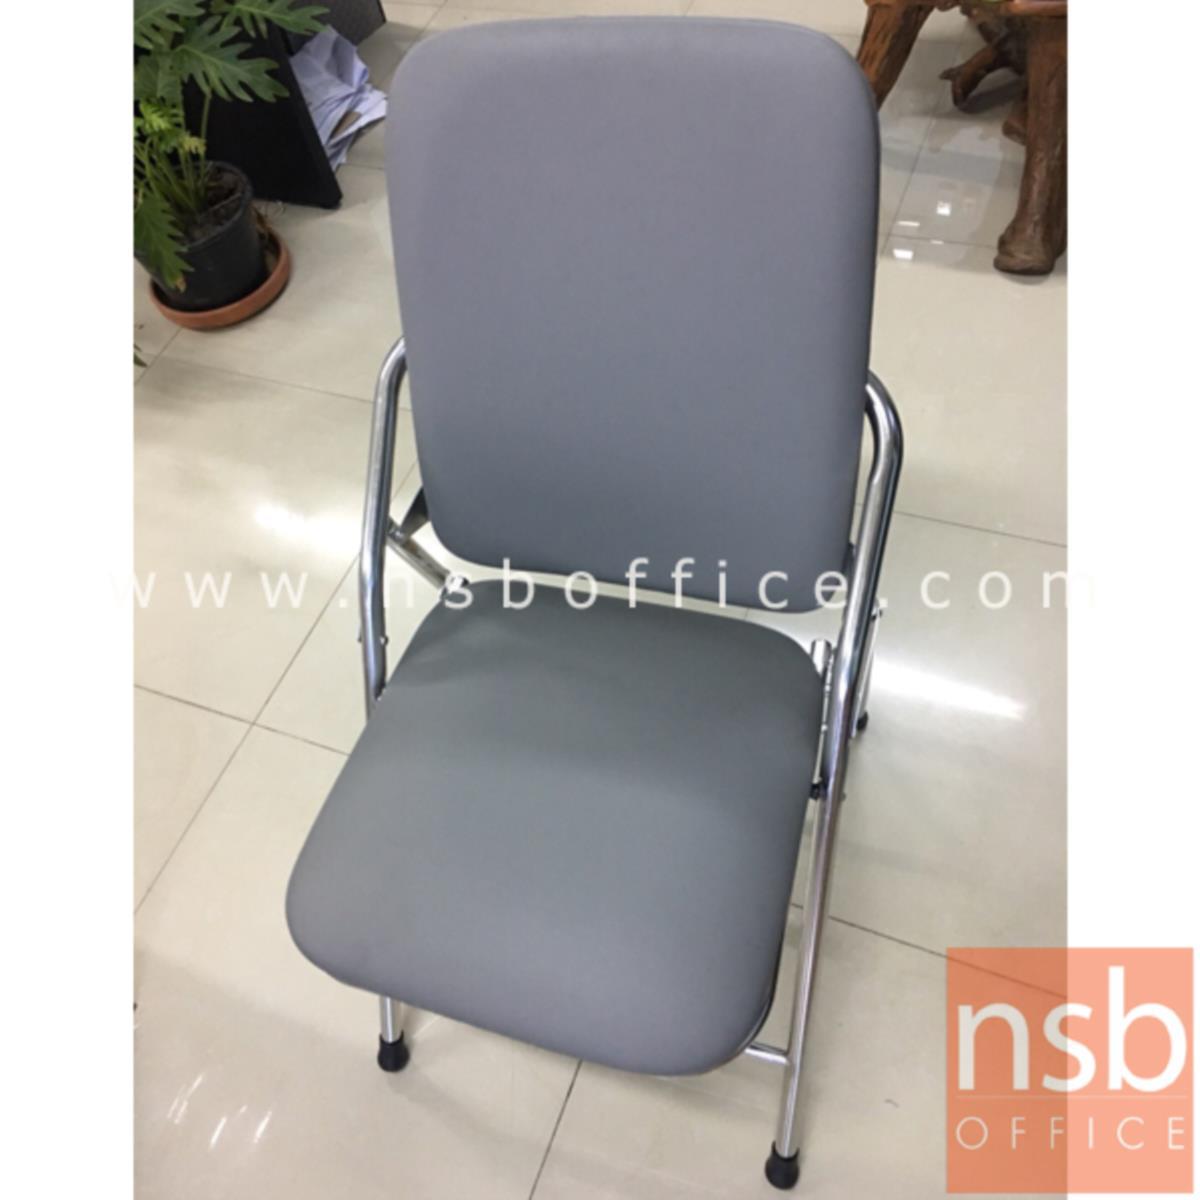 เก้าอี้อเนกประสงค์ รุ่น KJ-421  ขาสเตนเลส